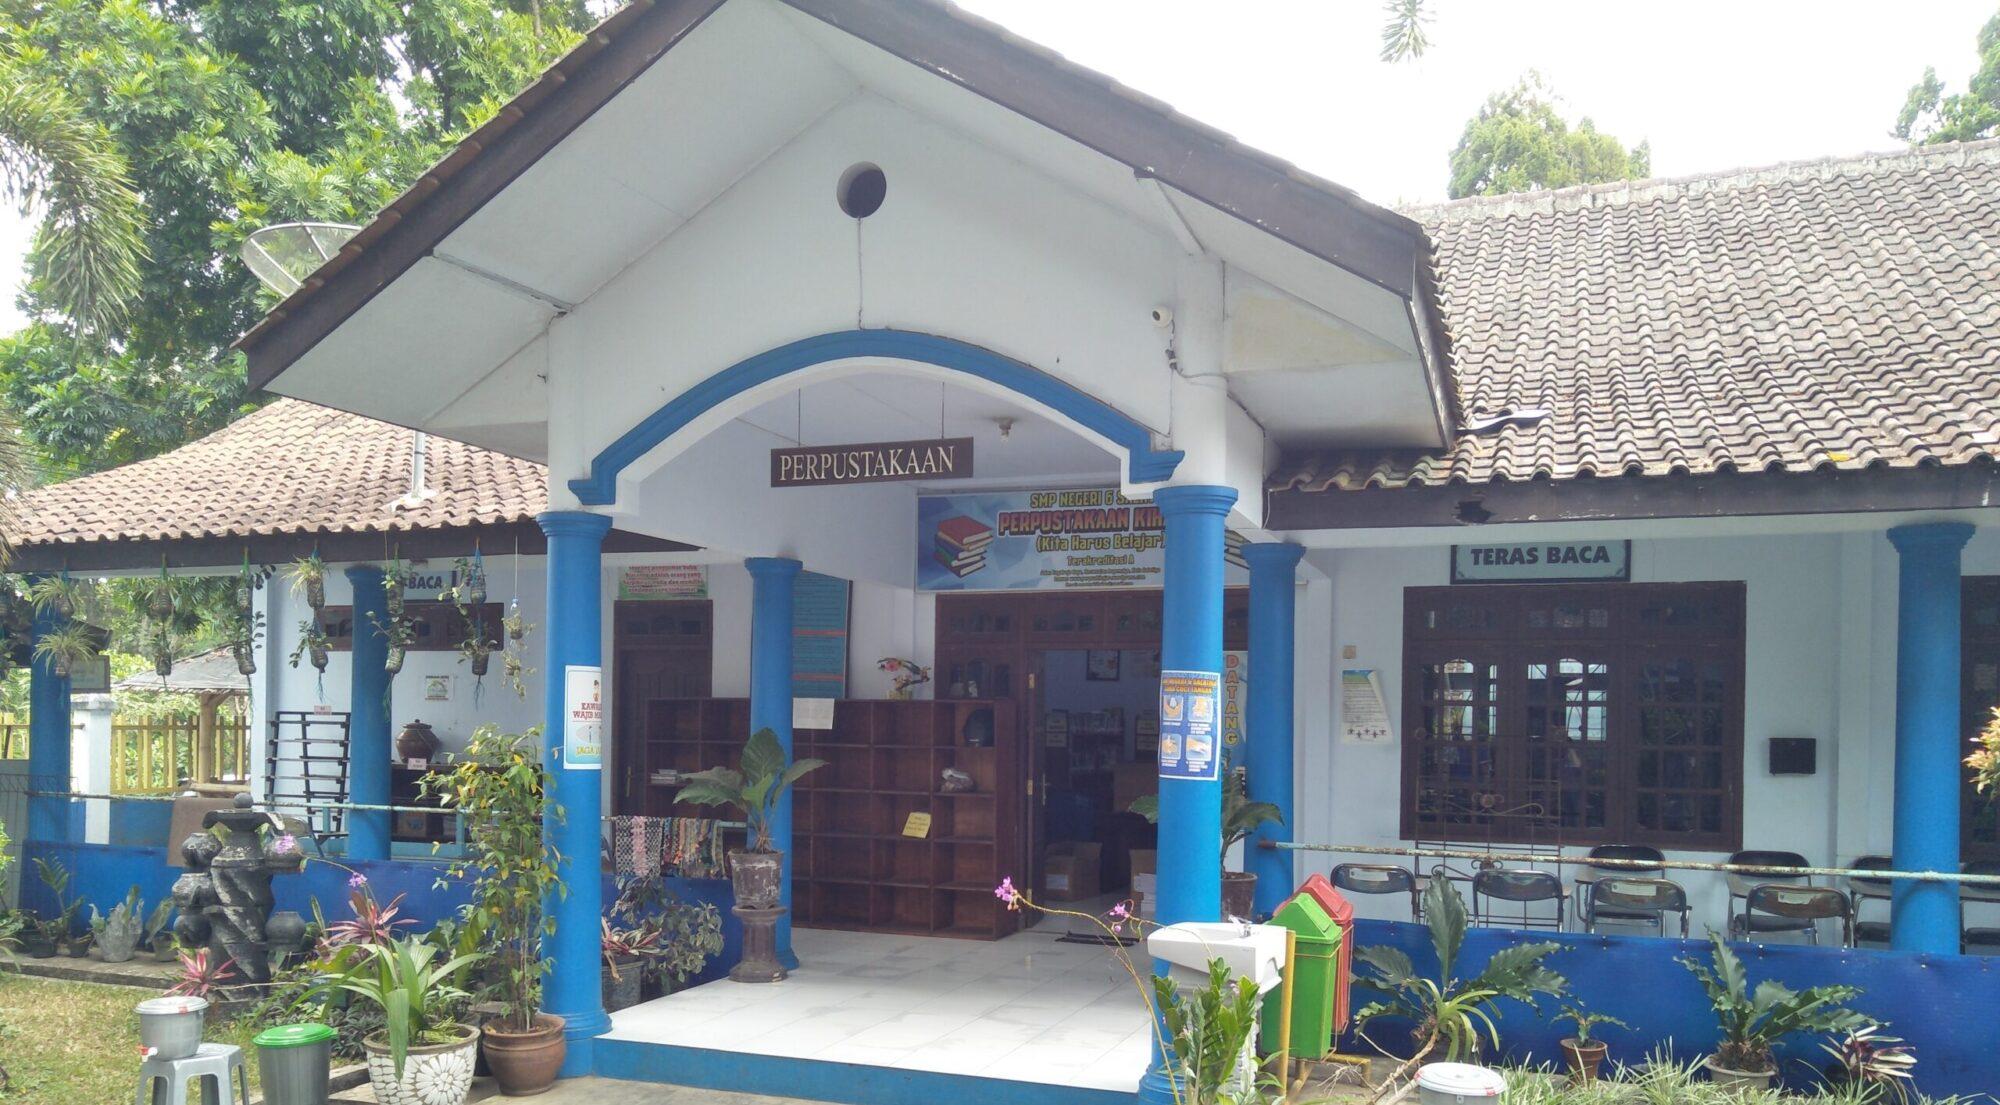 Perpustakaan Kihajar